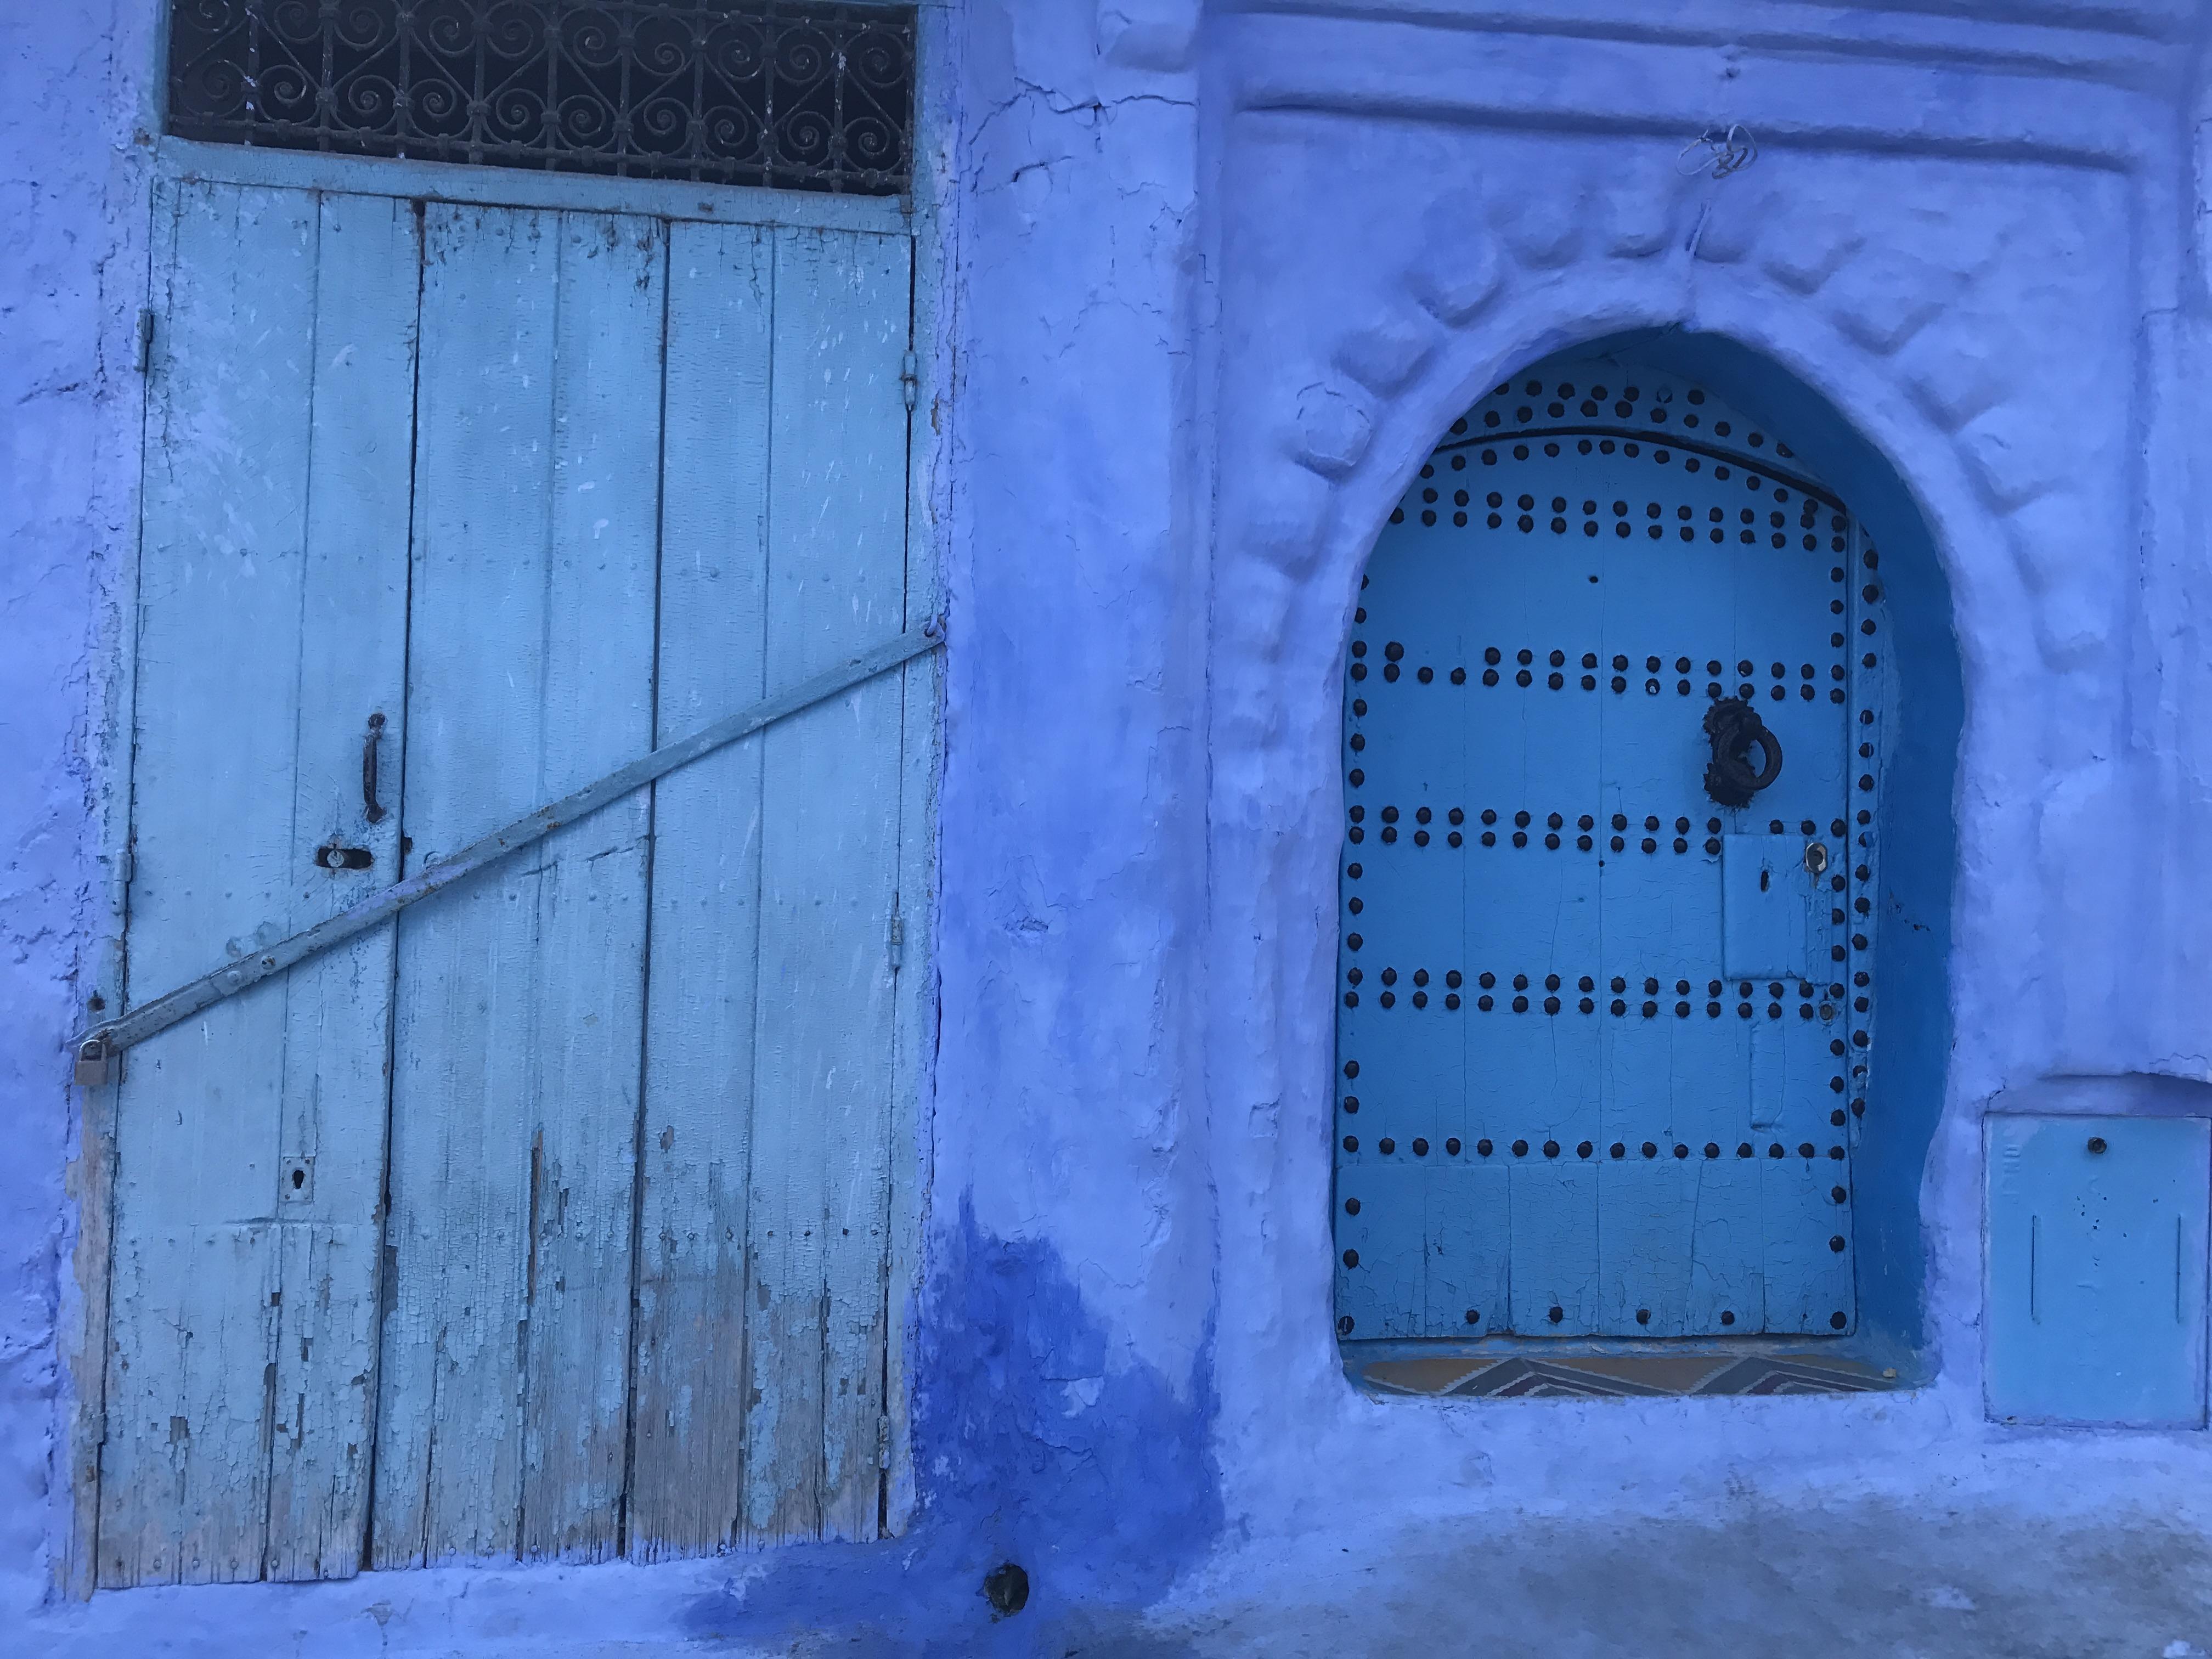 【モロッコ旅行】シャウエンに行くべき3つの理由!行かなきゃ損!?